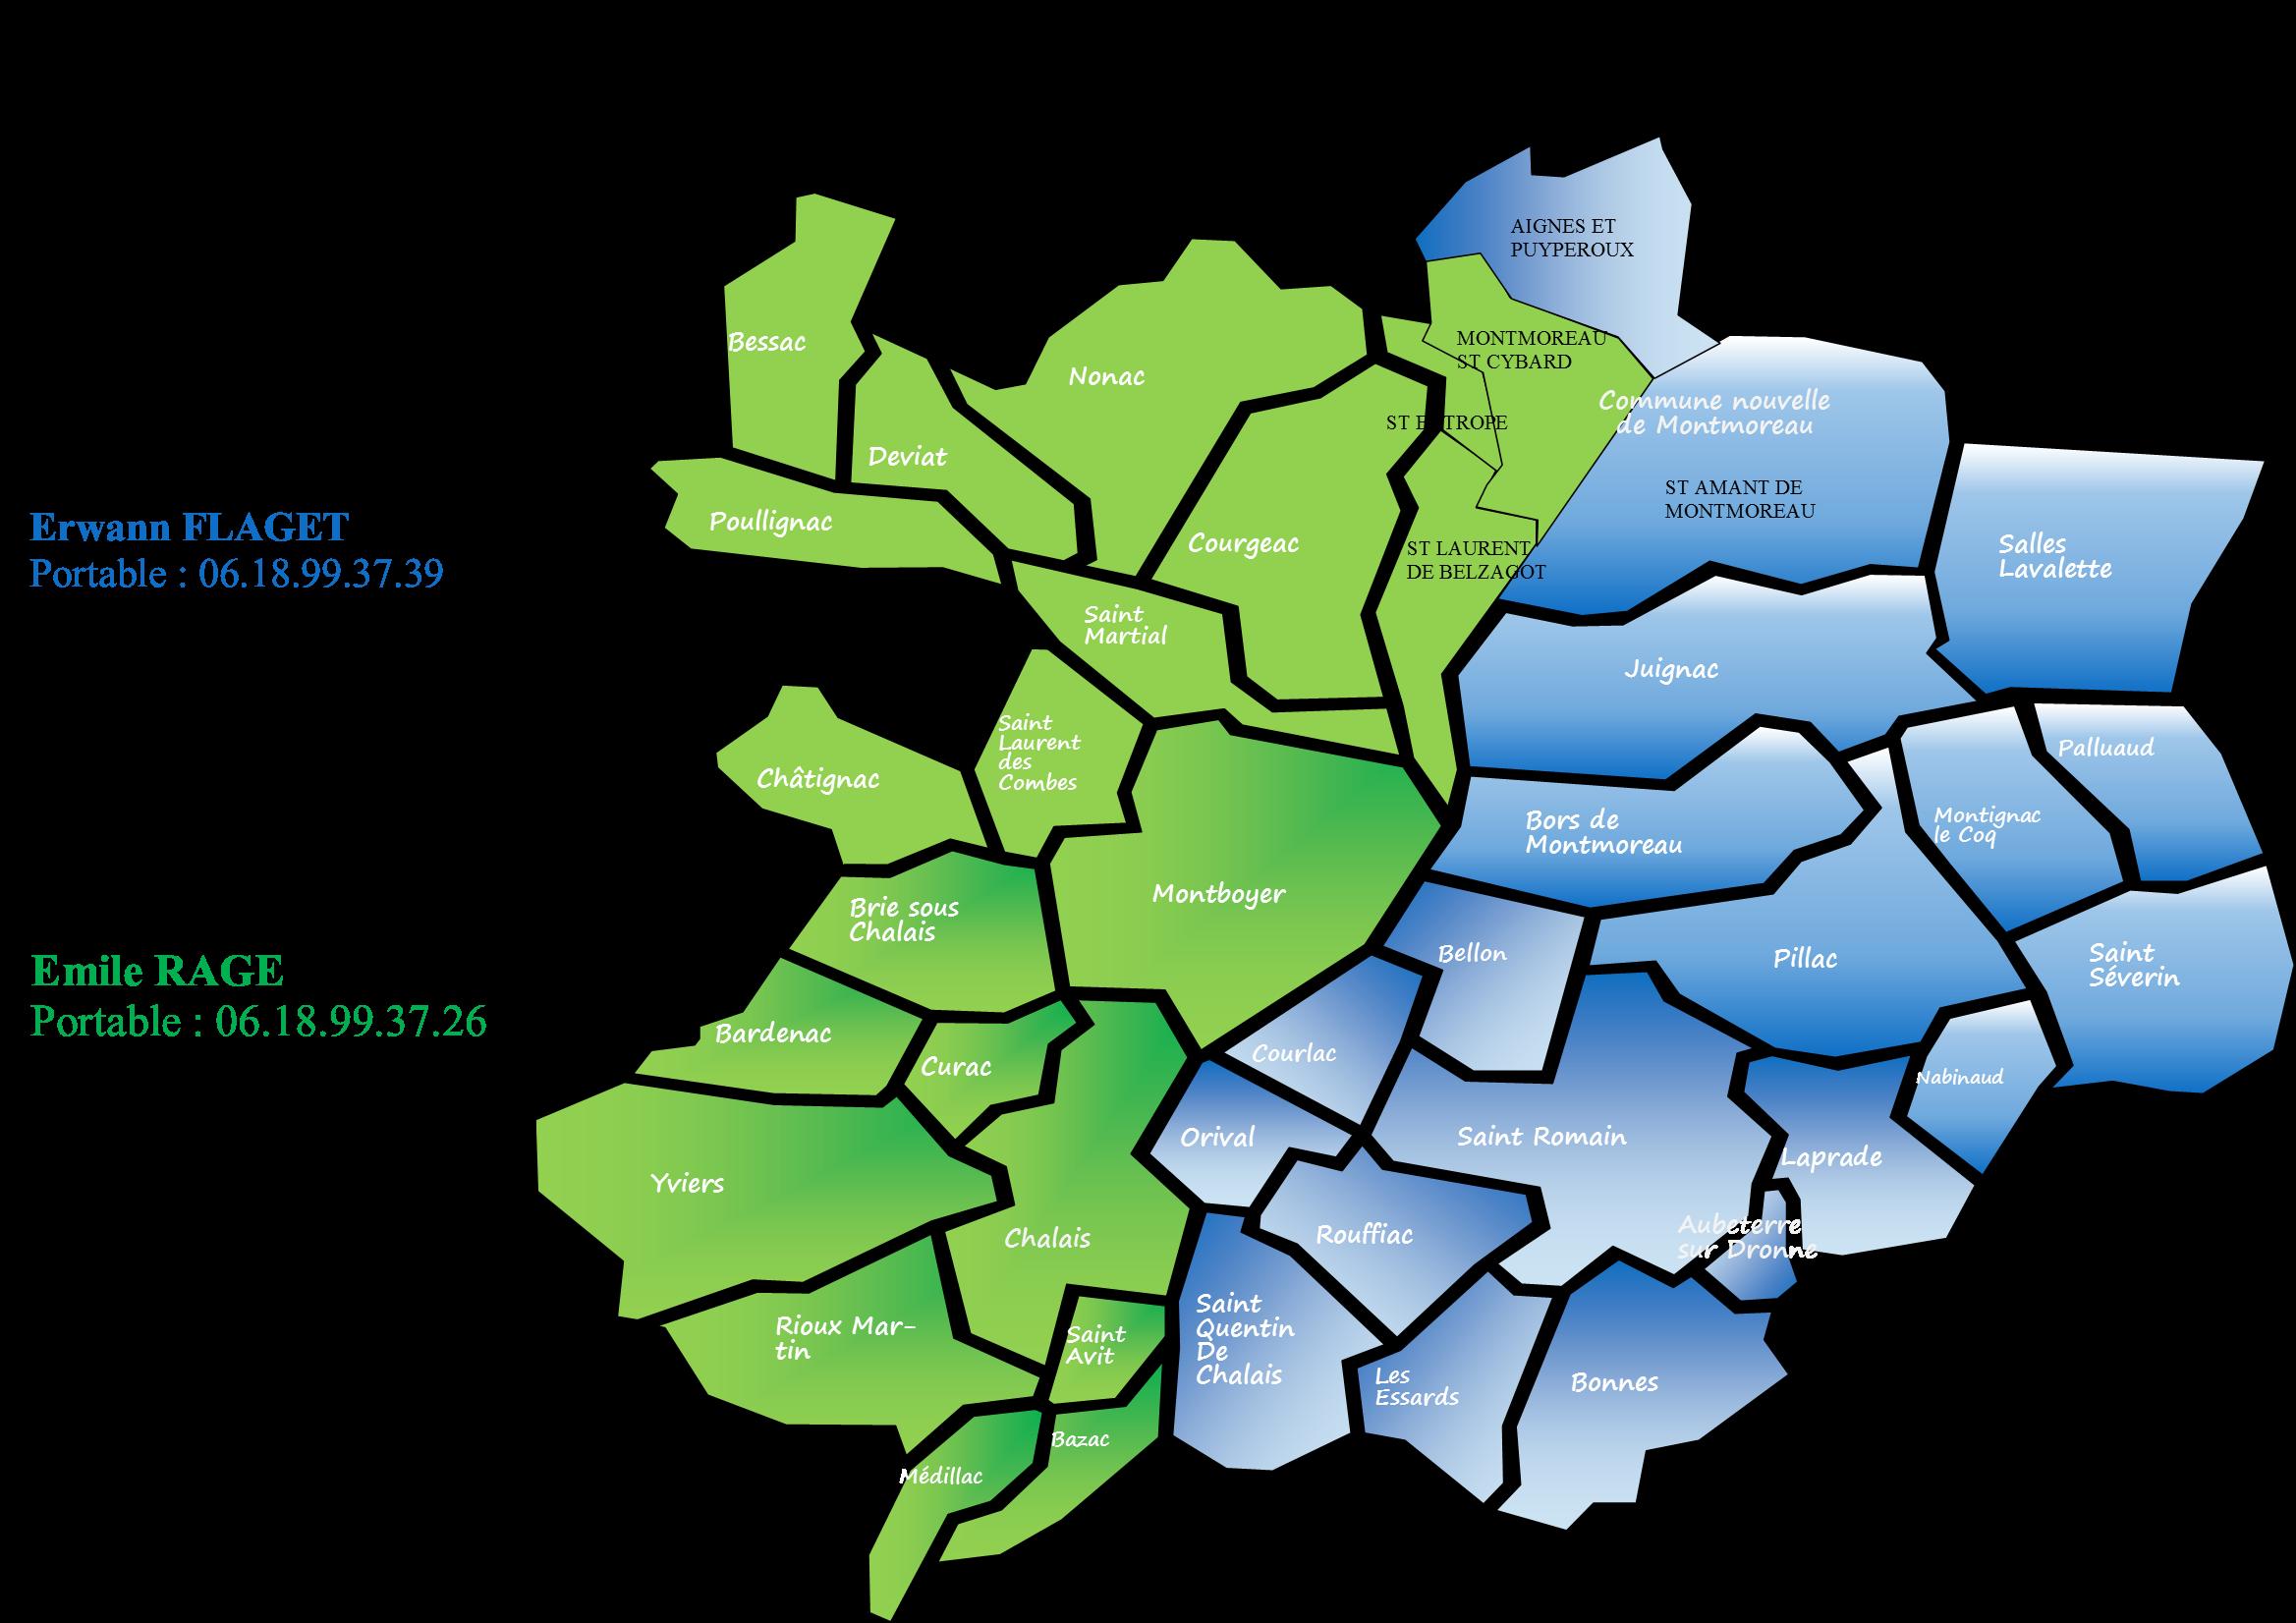 Carte secteurs SPANC 2019